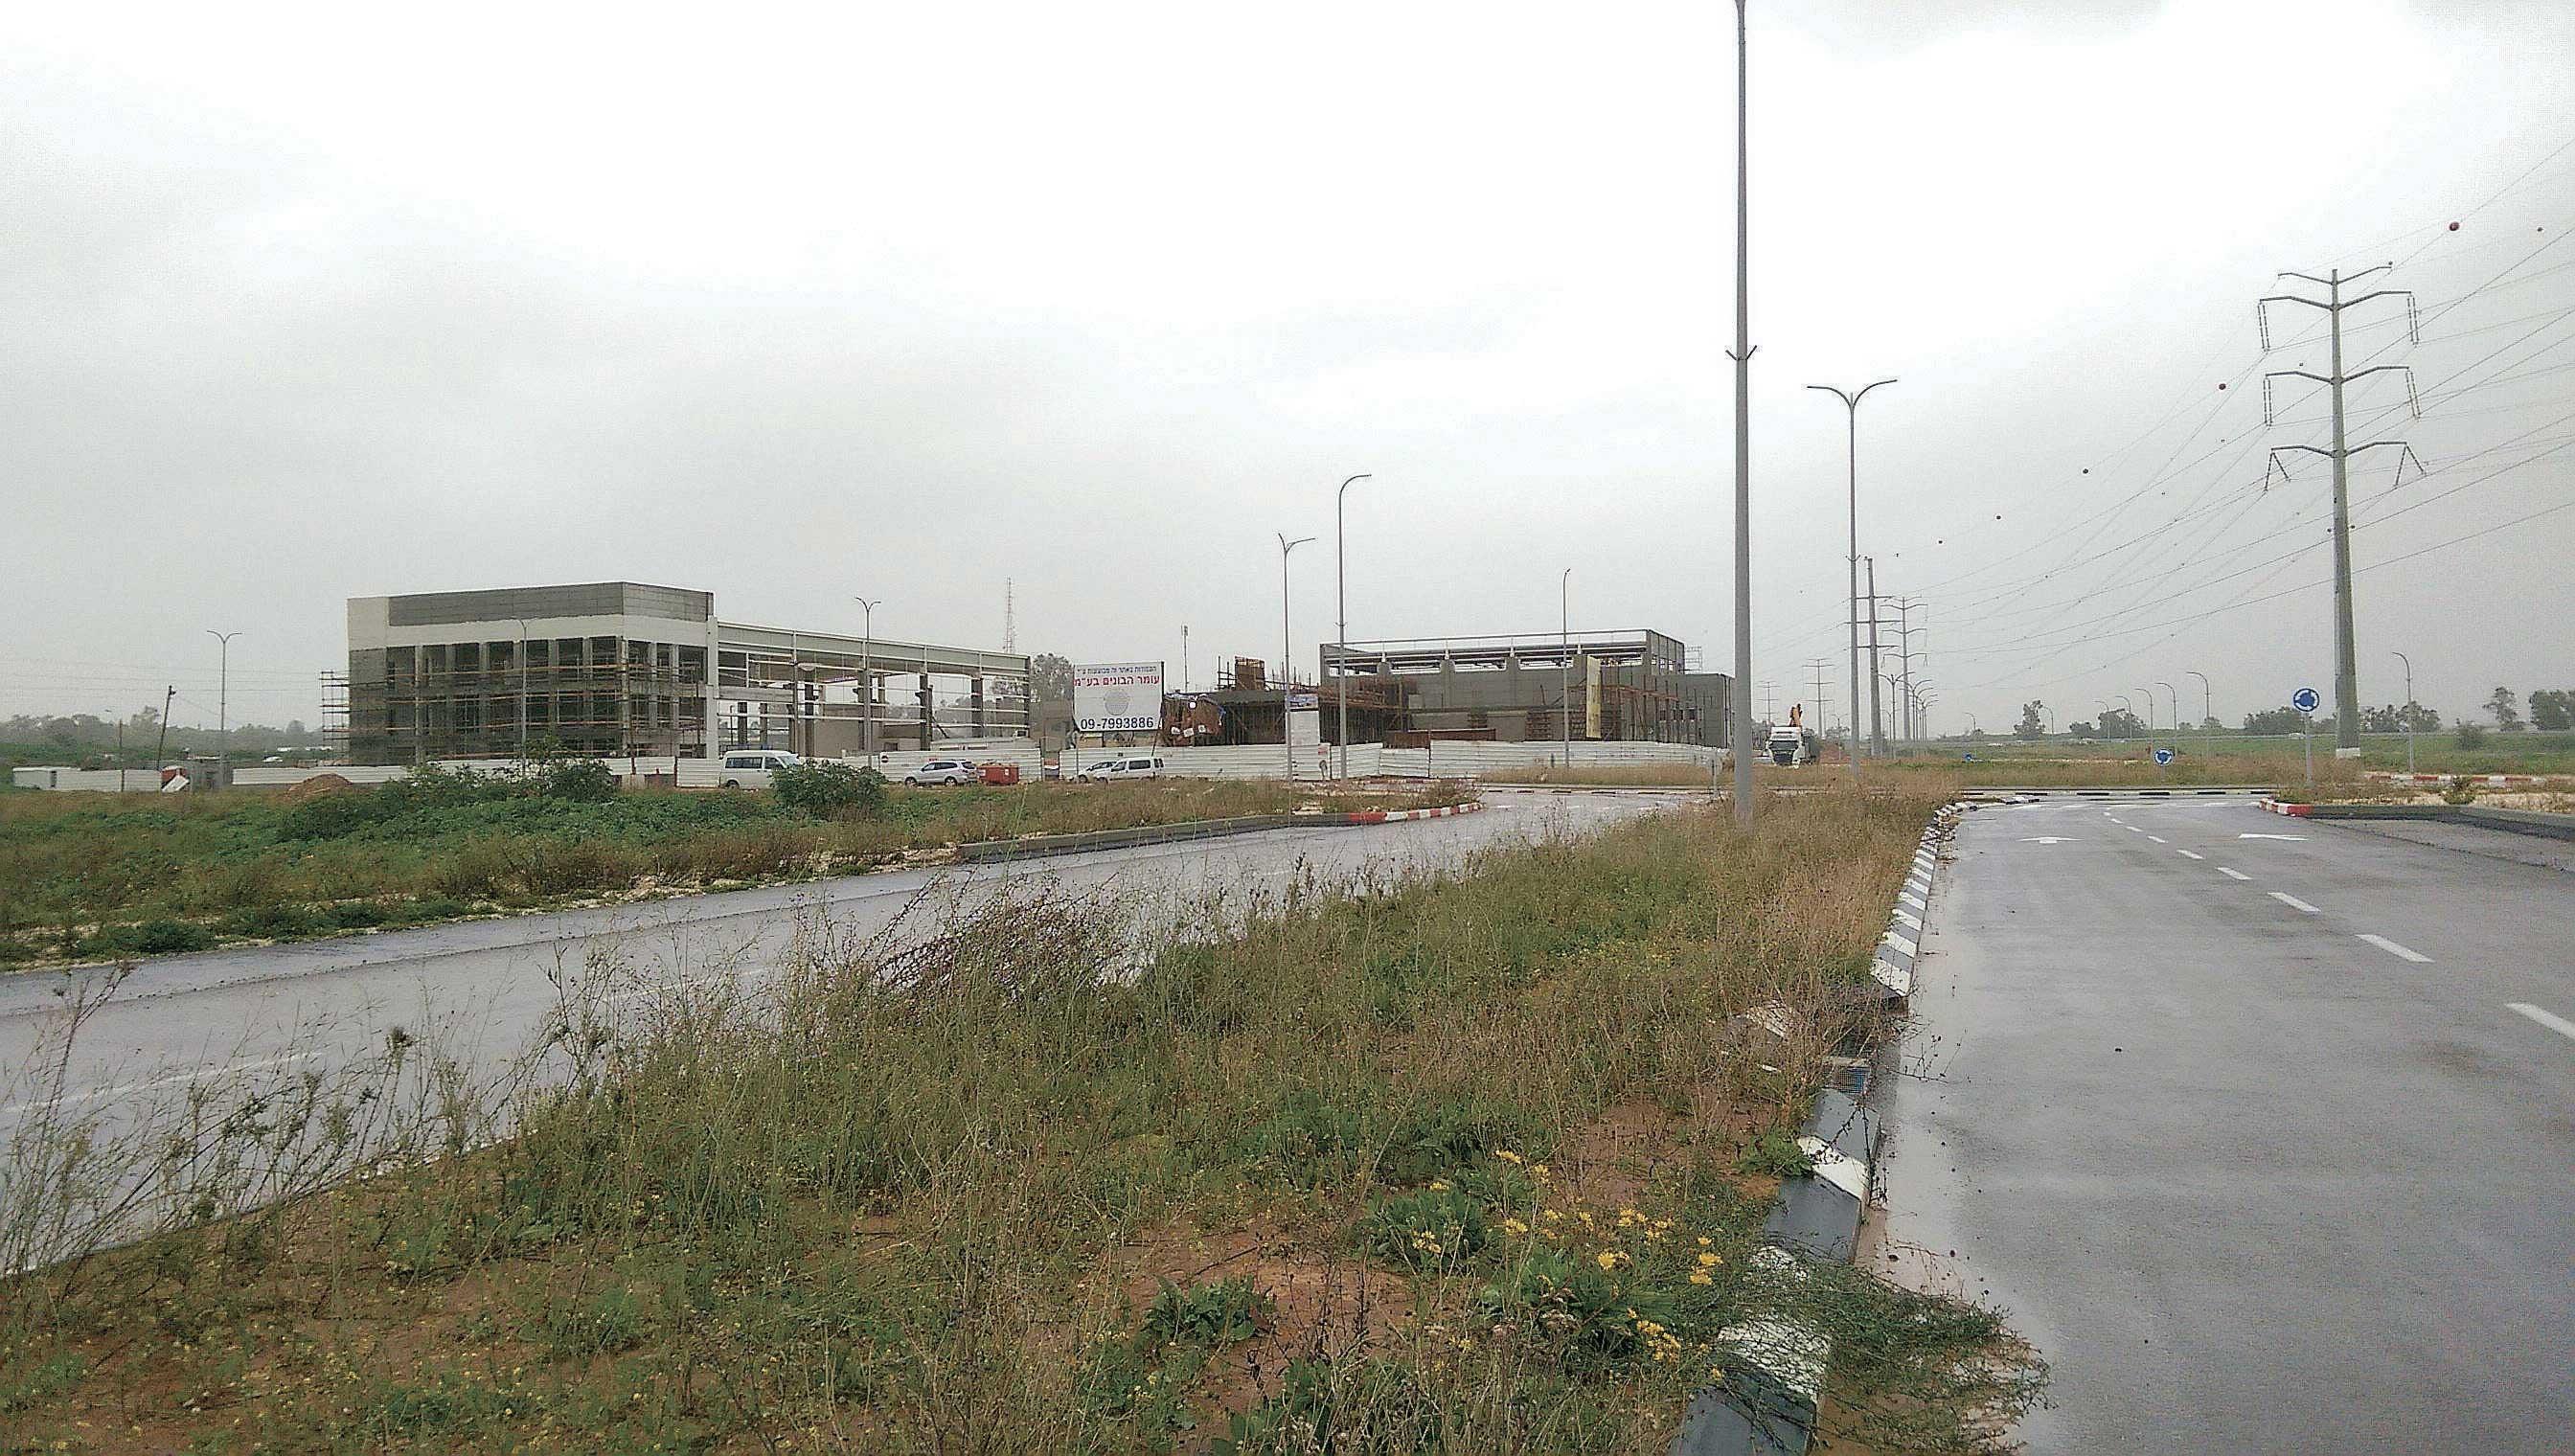 אזור התעשייה 50. צילום עזרא לוי